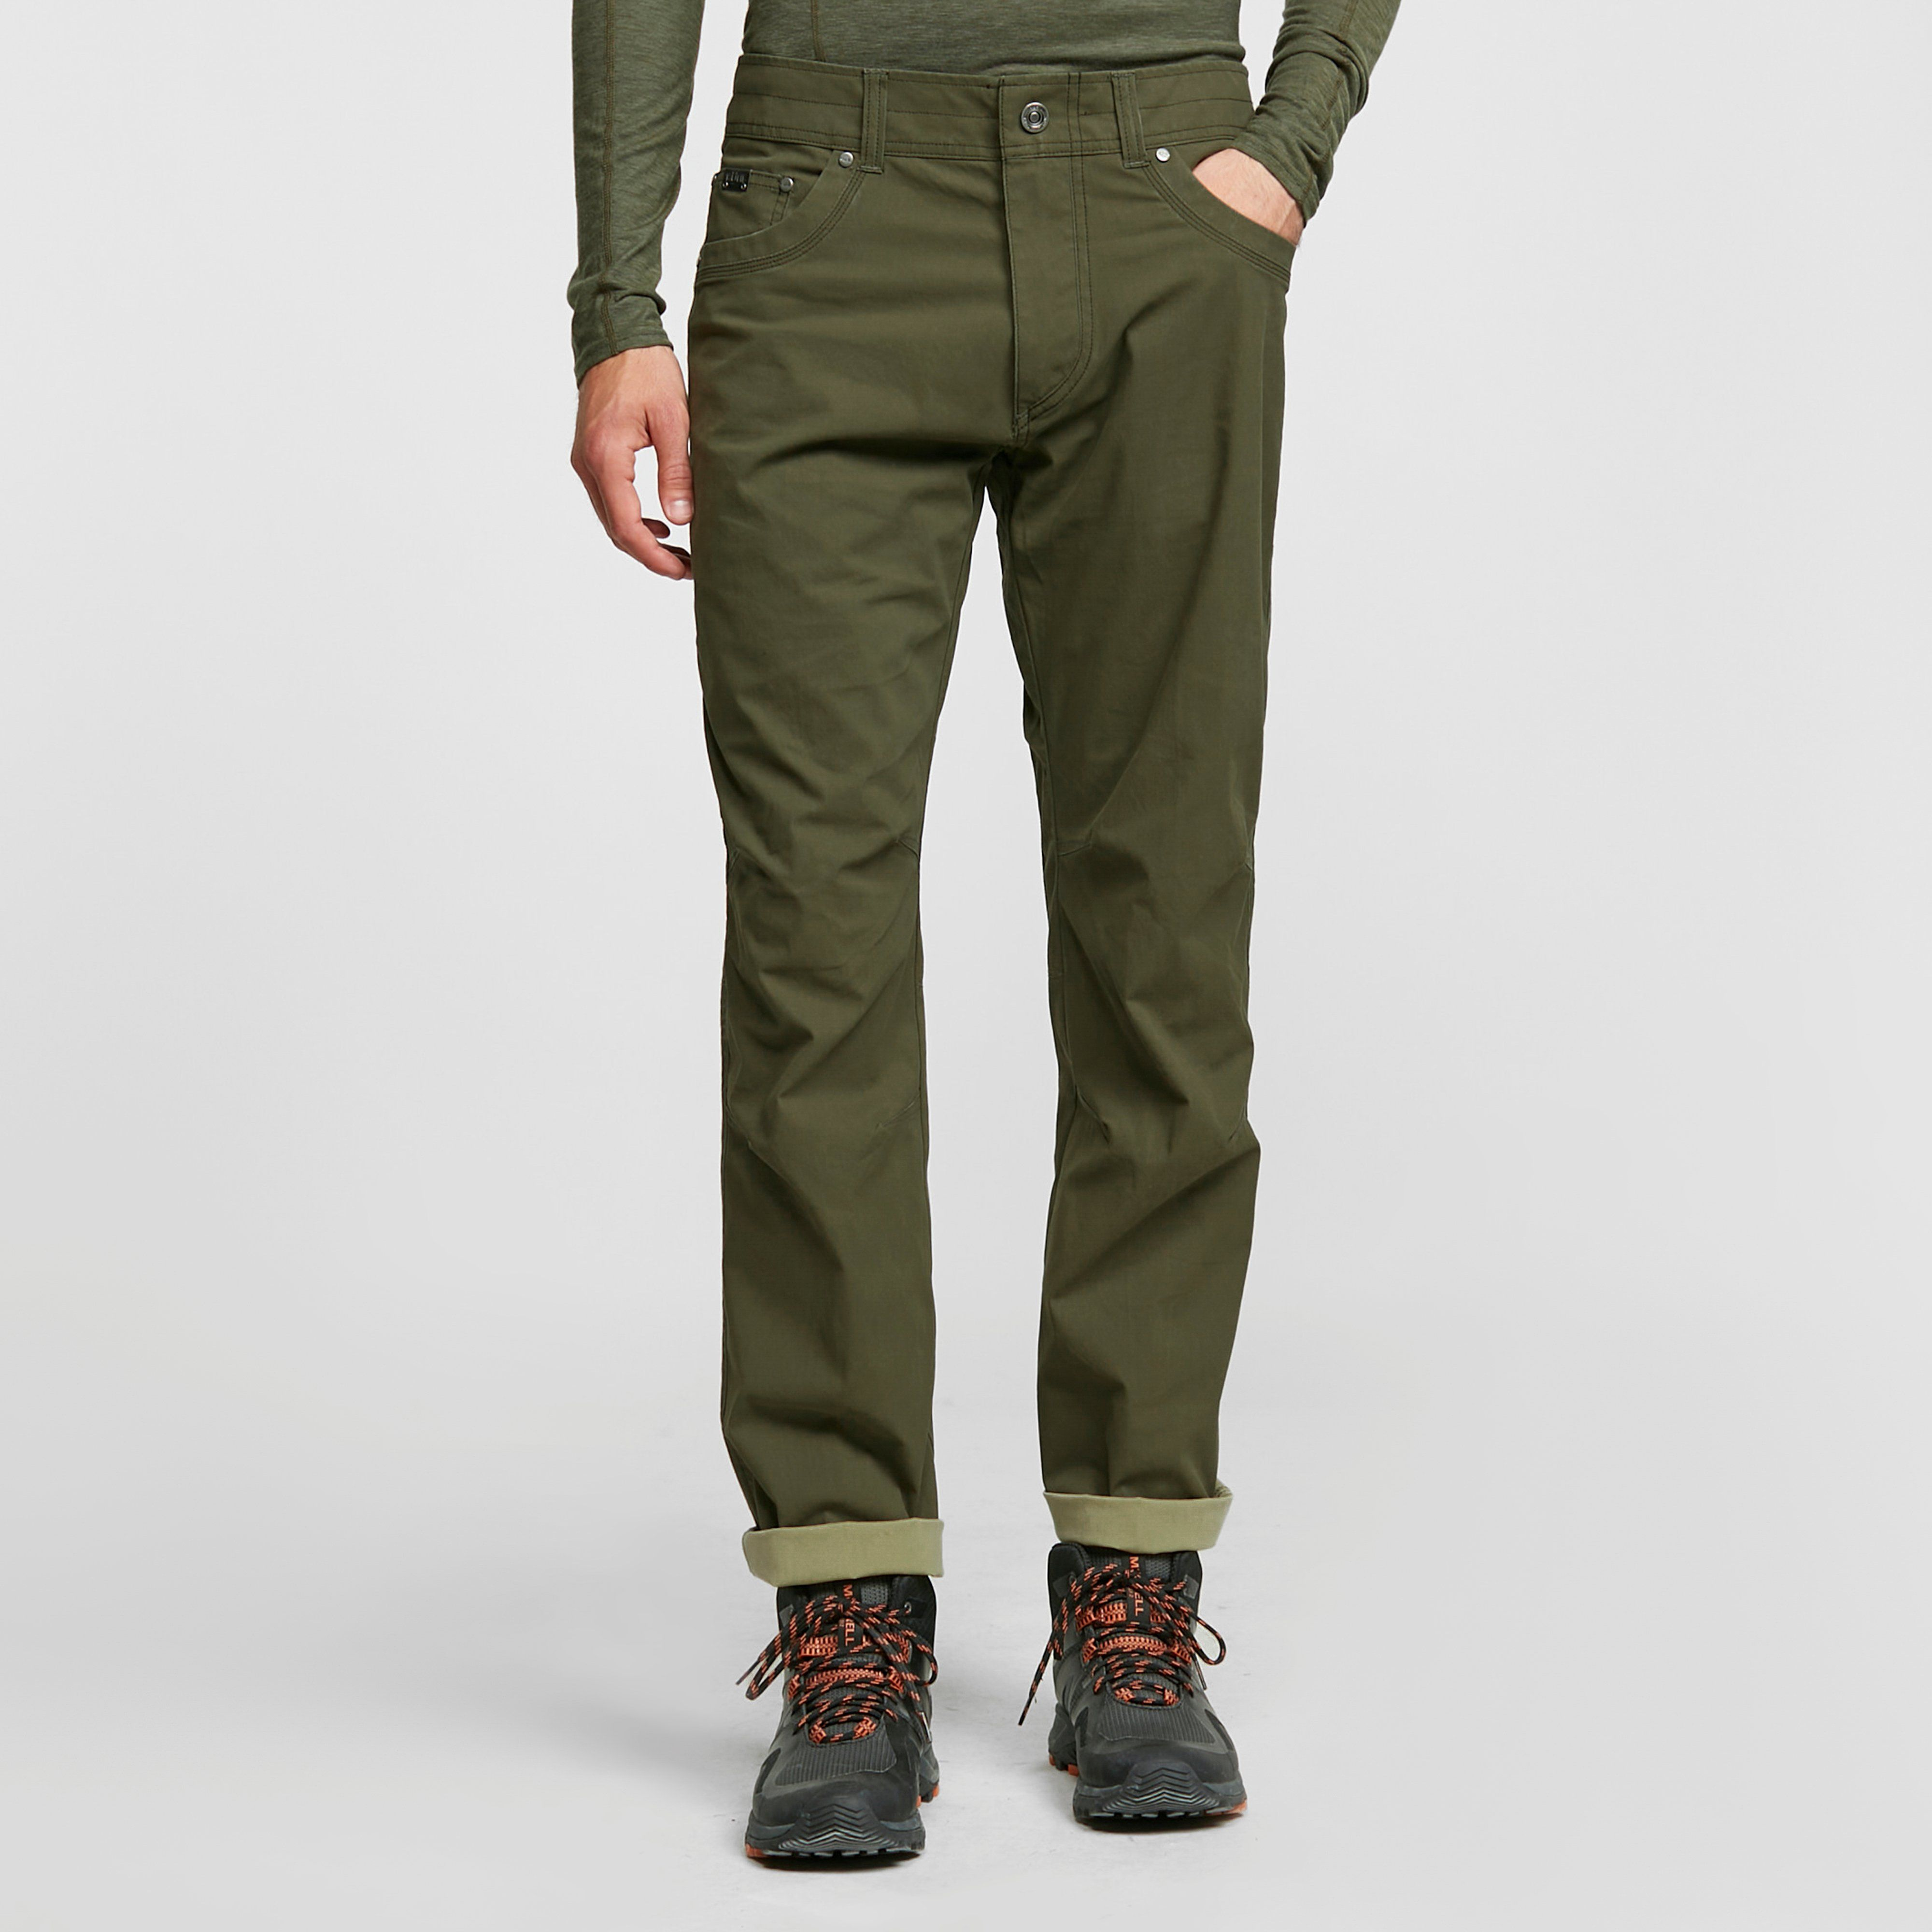 KUHL Men's Revolvr Trousers